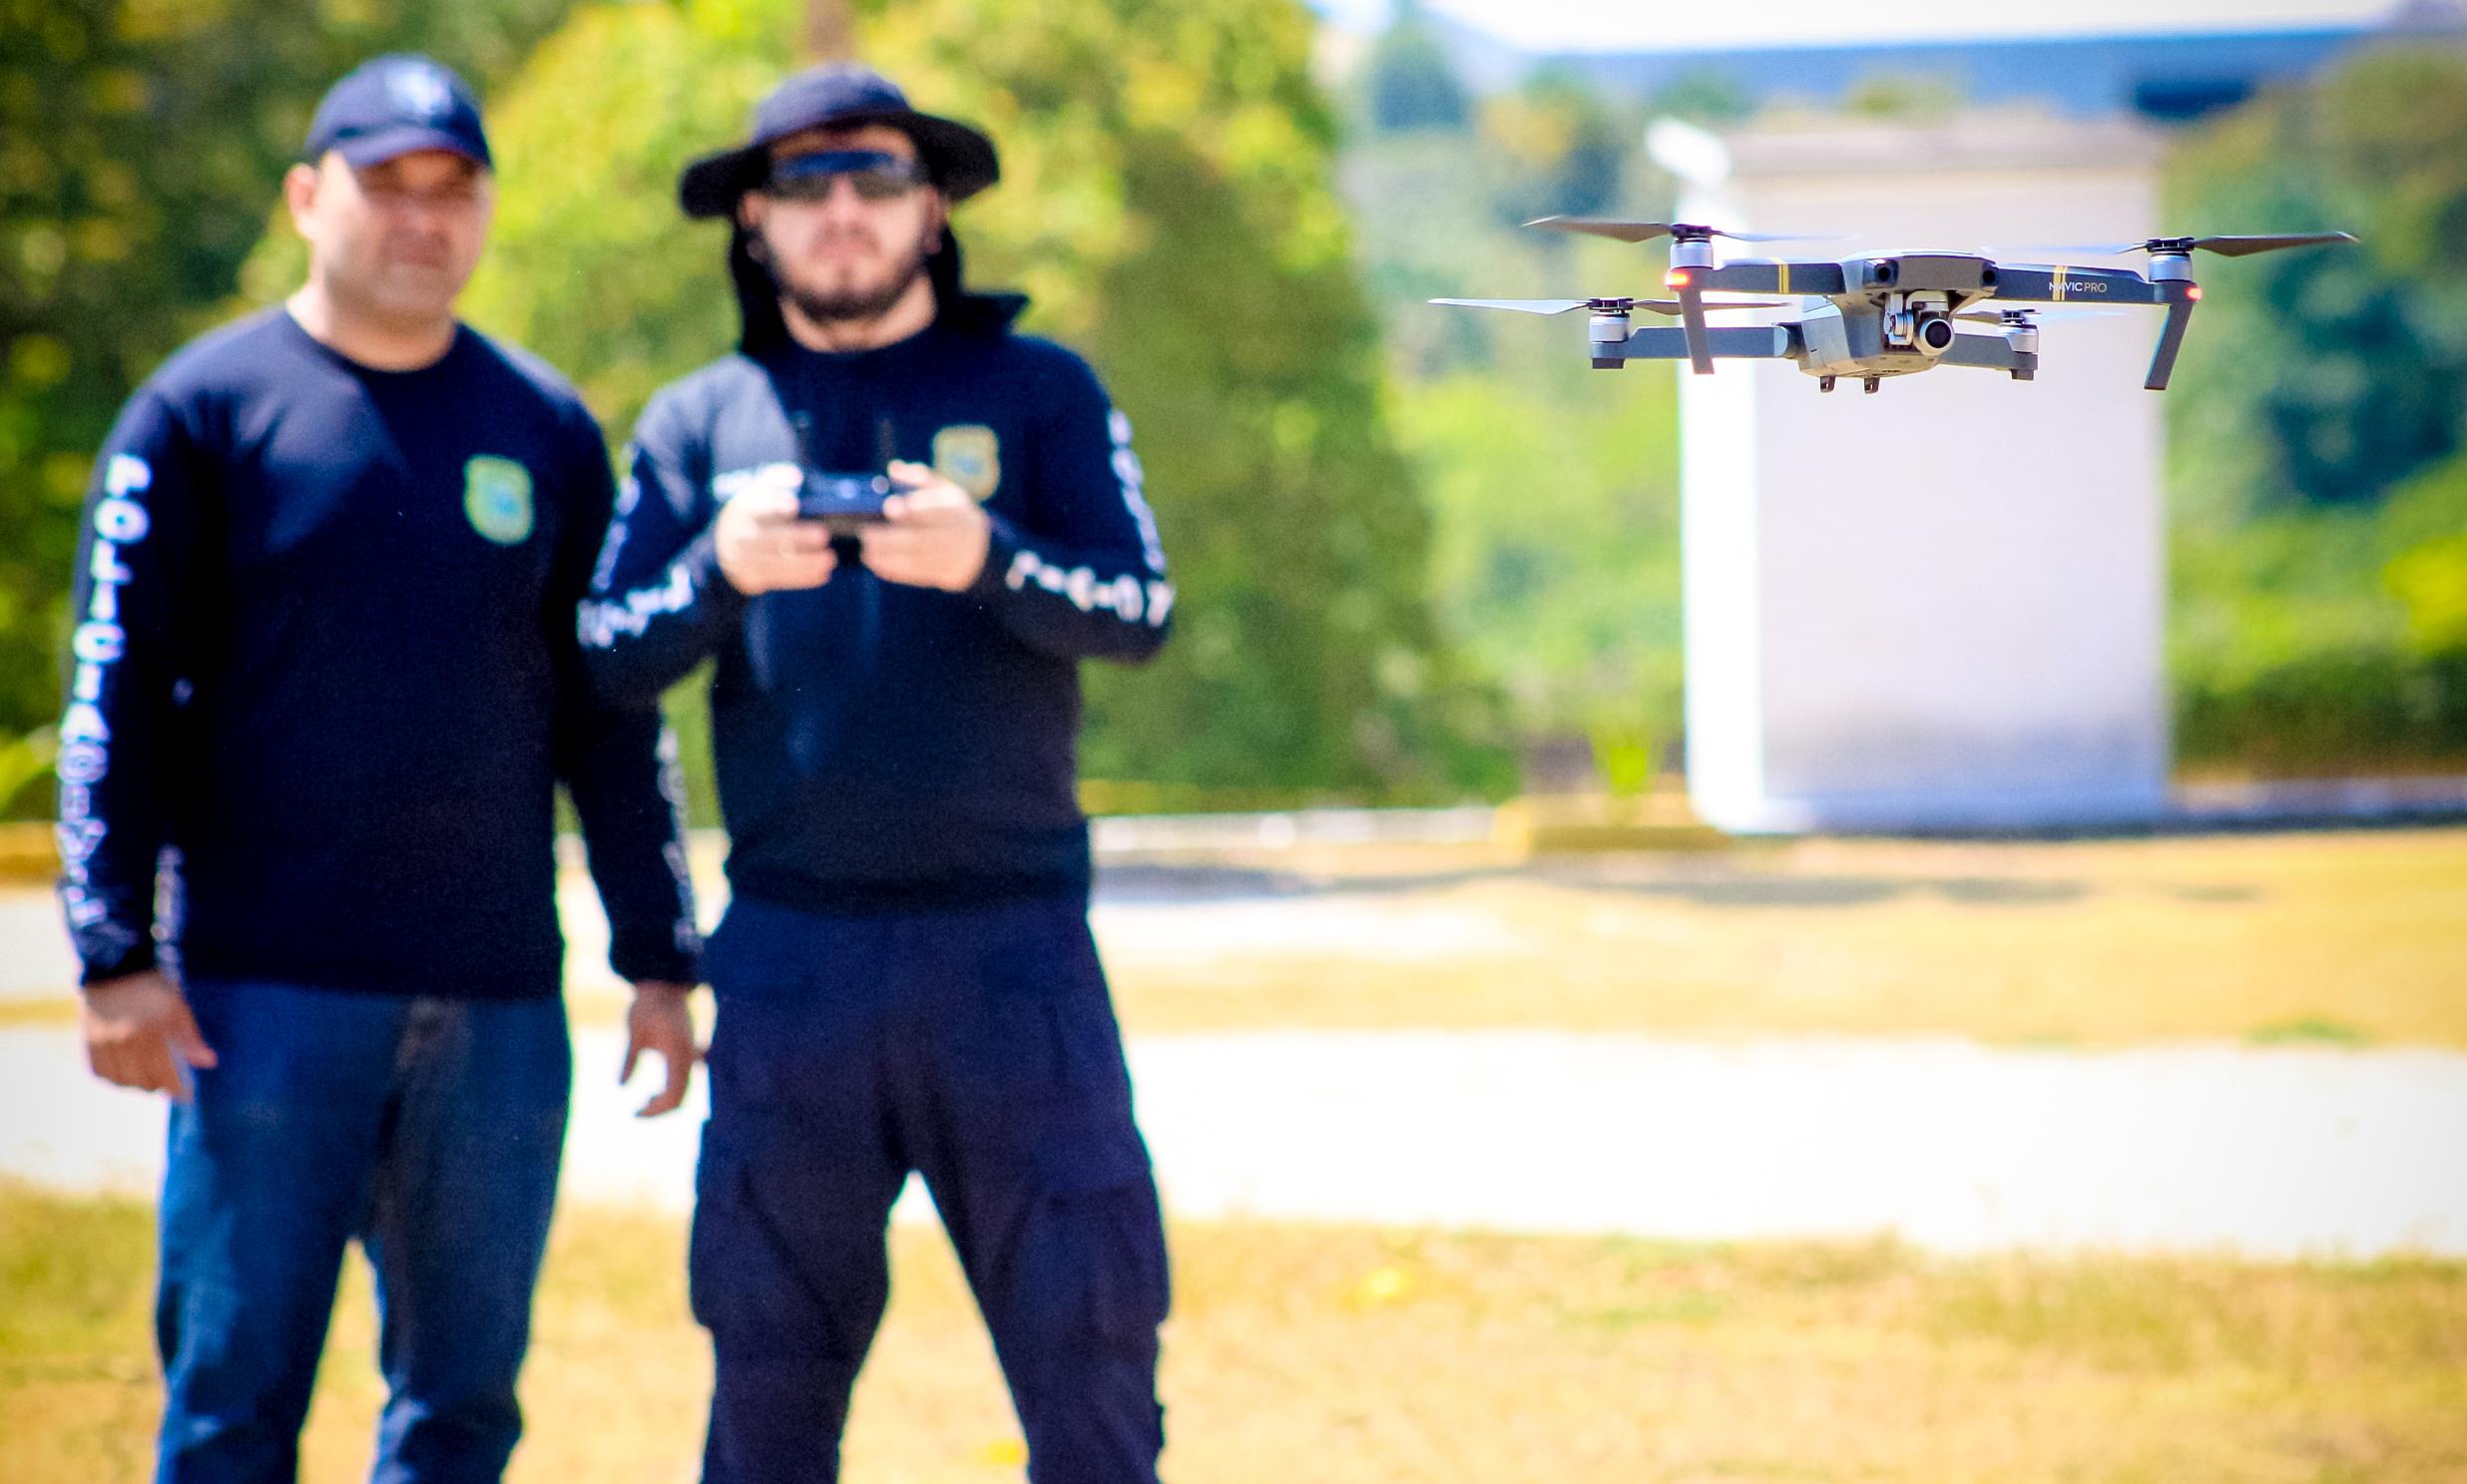 Aesp capacita agentes de segurança pública para operar drones